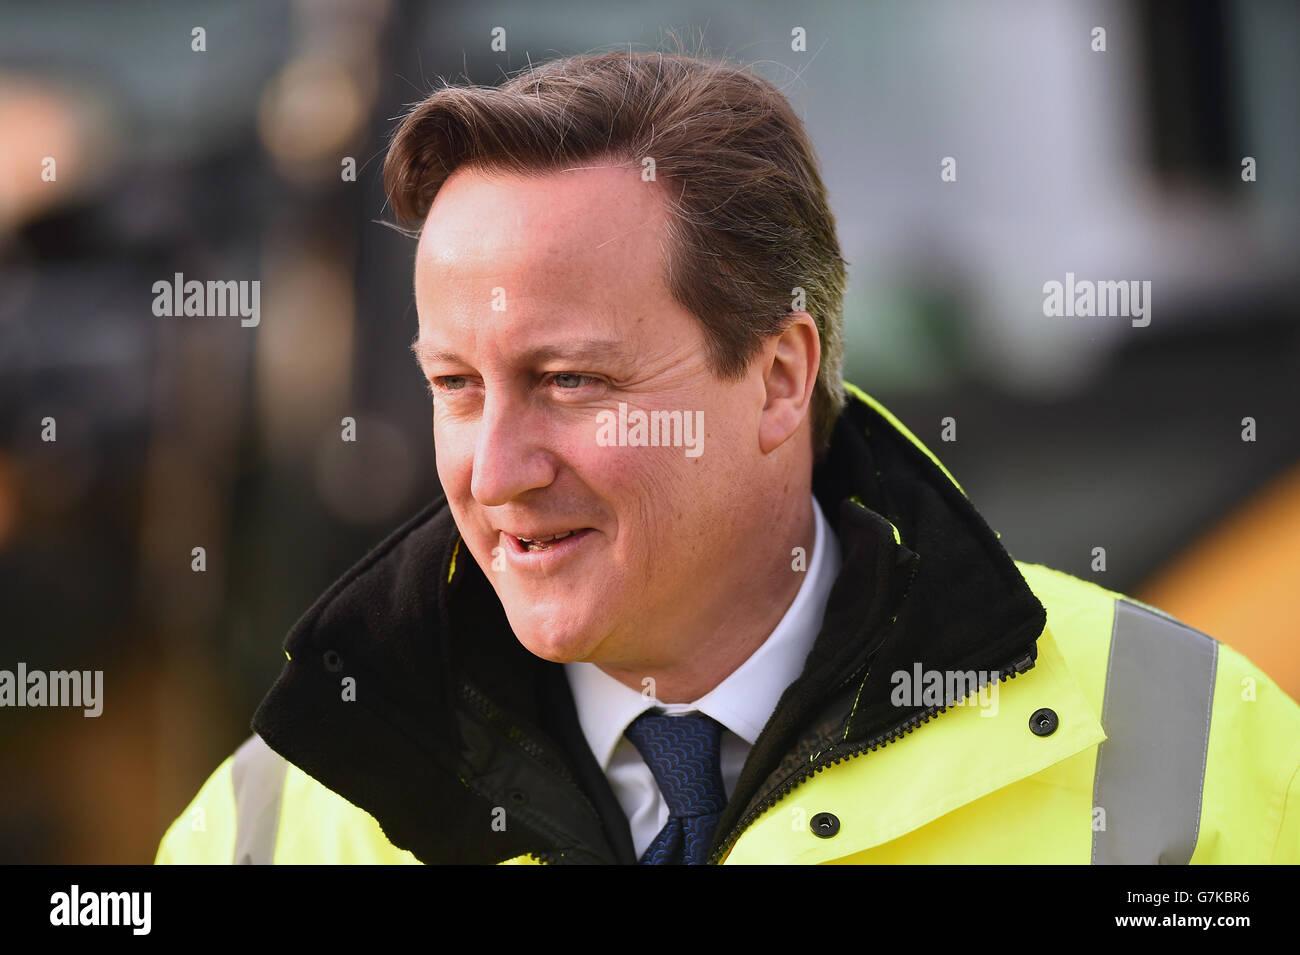 Le Premier ministre David Cameron voit de nouveaux travaux de construction à l'aéroport d'Édimbourg lors de sa première visite en Écosse depuis le référendum sur l'indépendance de septembre dernier. Banque D'Images